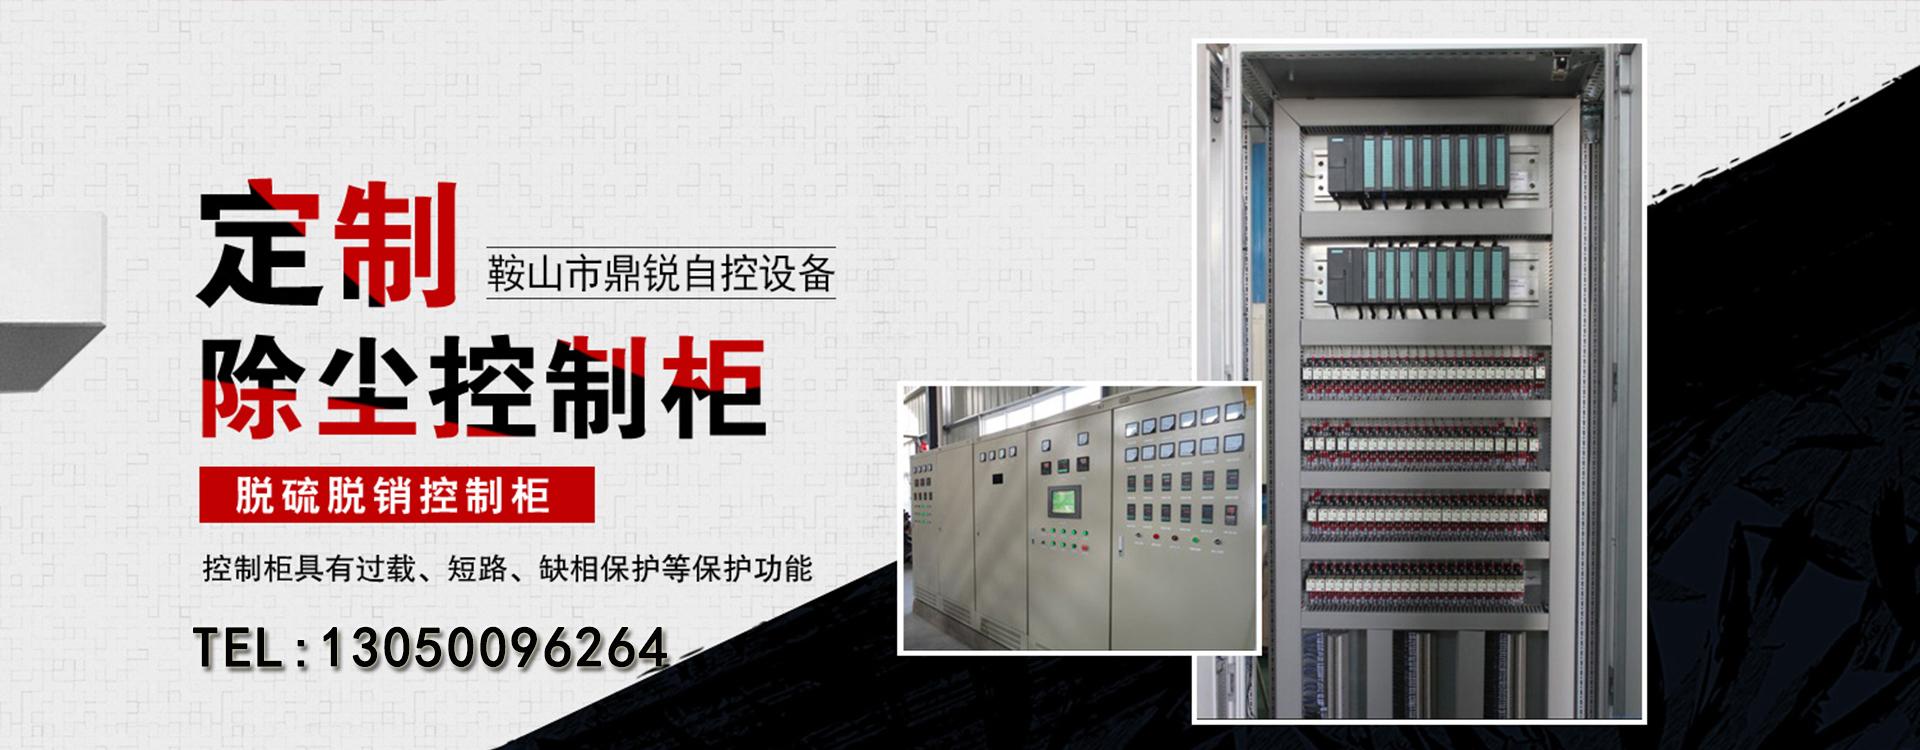 鞍山控制柜,鞍山变频器柜